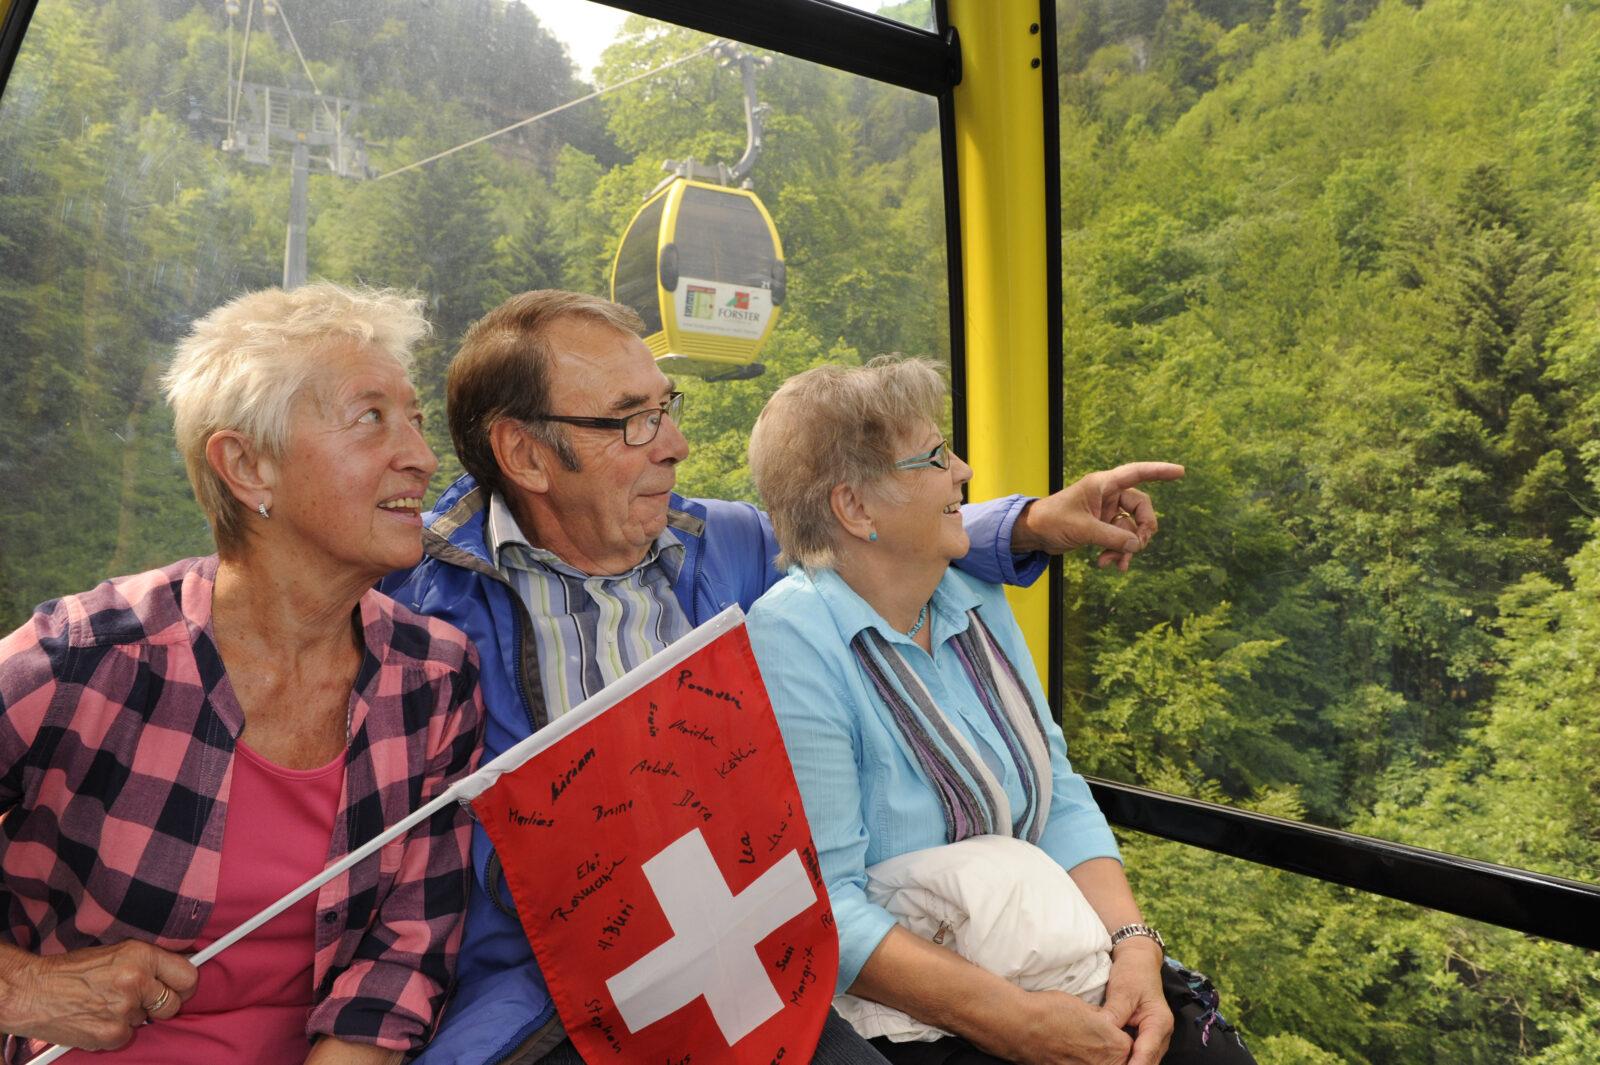 Seniorengruppe frankhauser 10